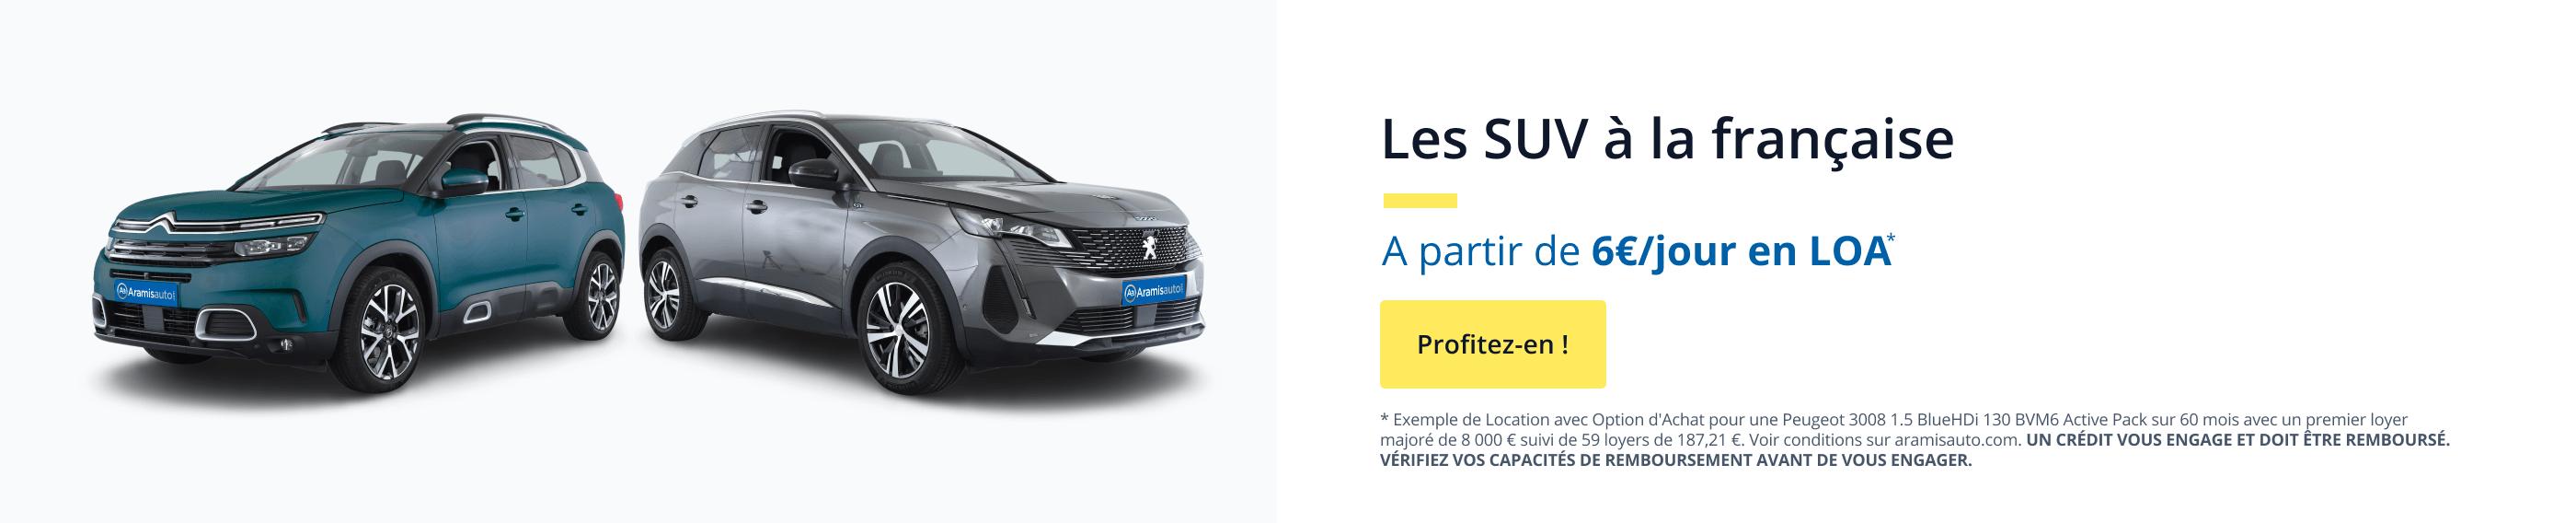 Les SUV à la française ! À partir de 6€/jour en LOA* chez Aramisauto